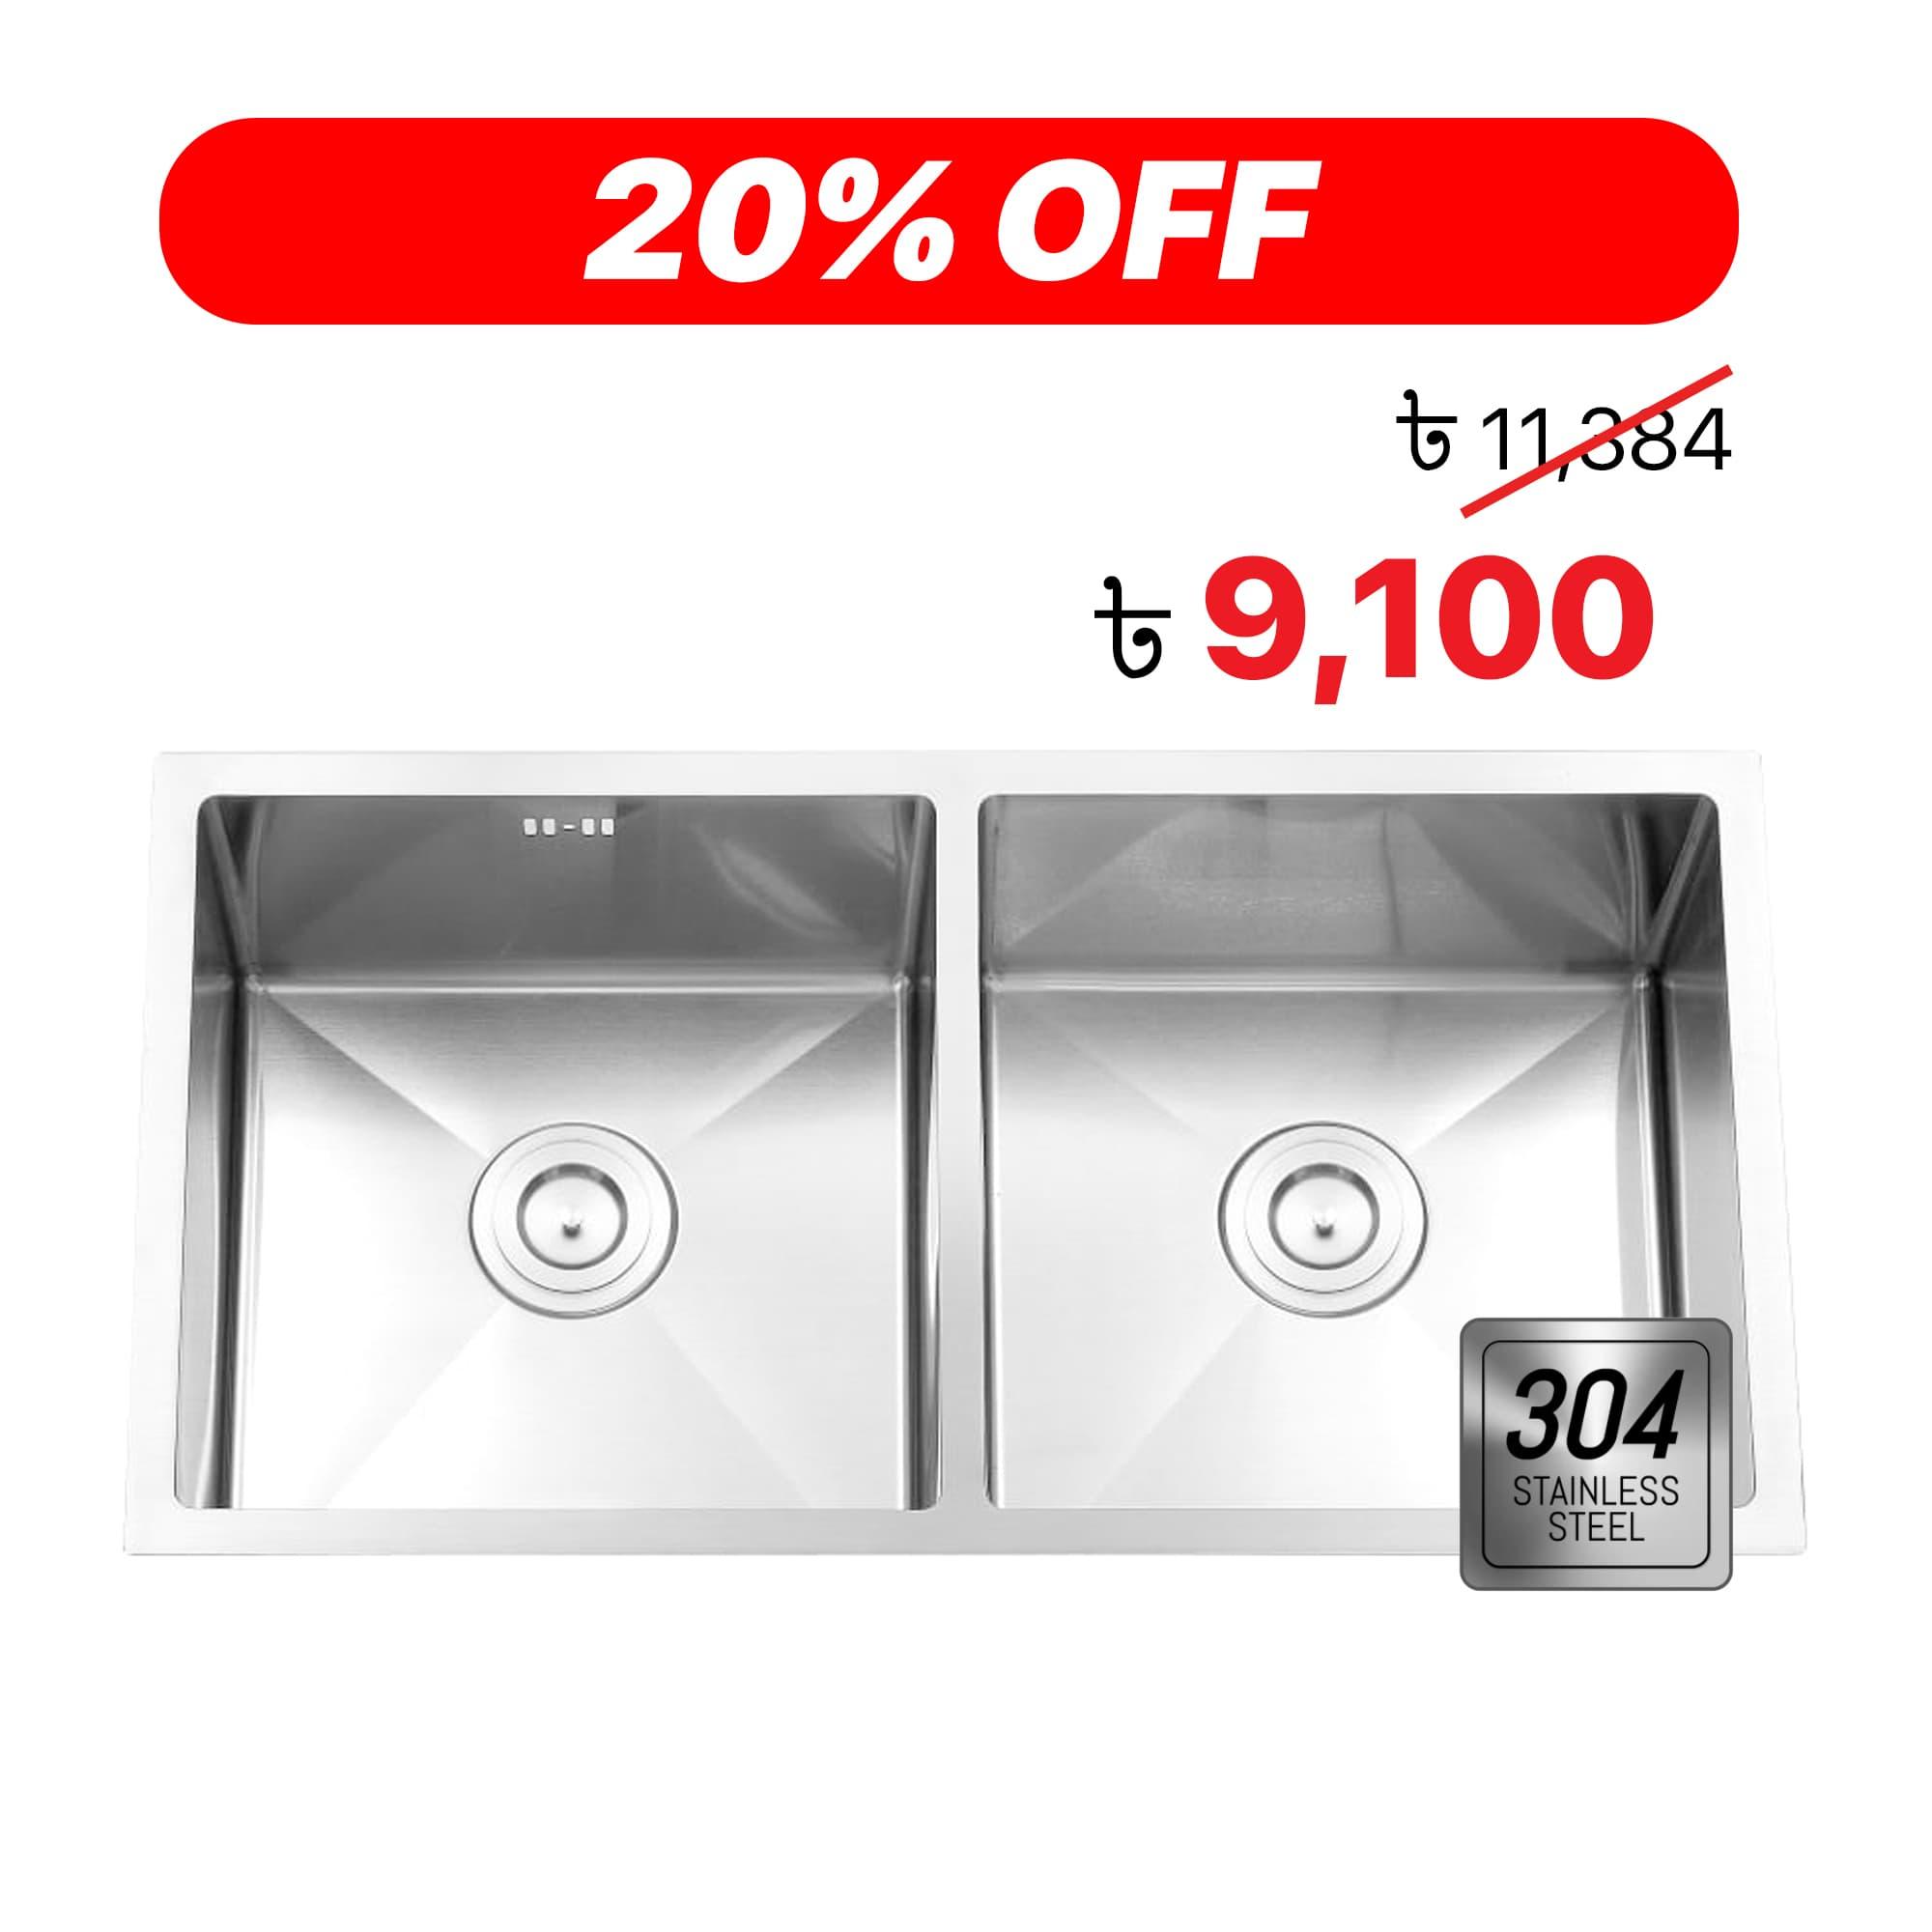 Stainless Kitchen Sink price in Dhaka Bangladesh